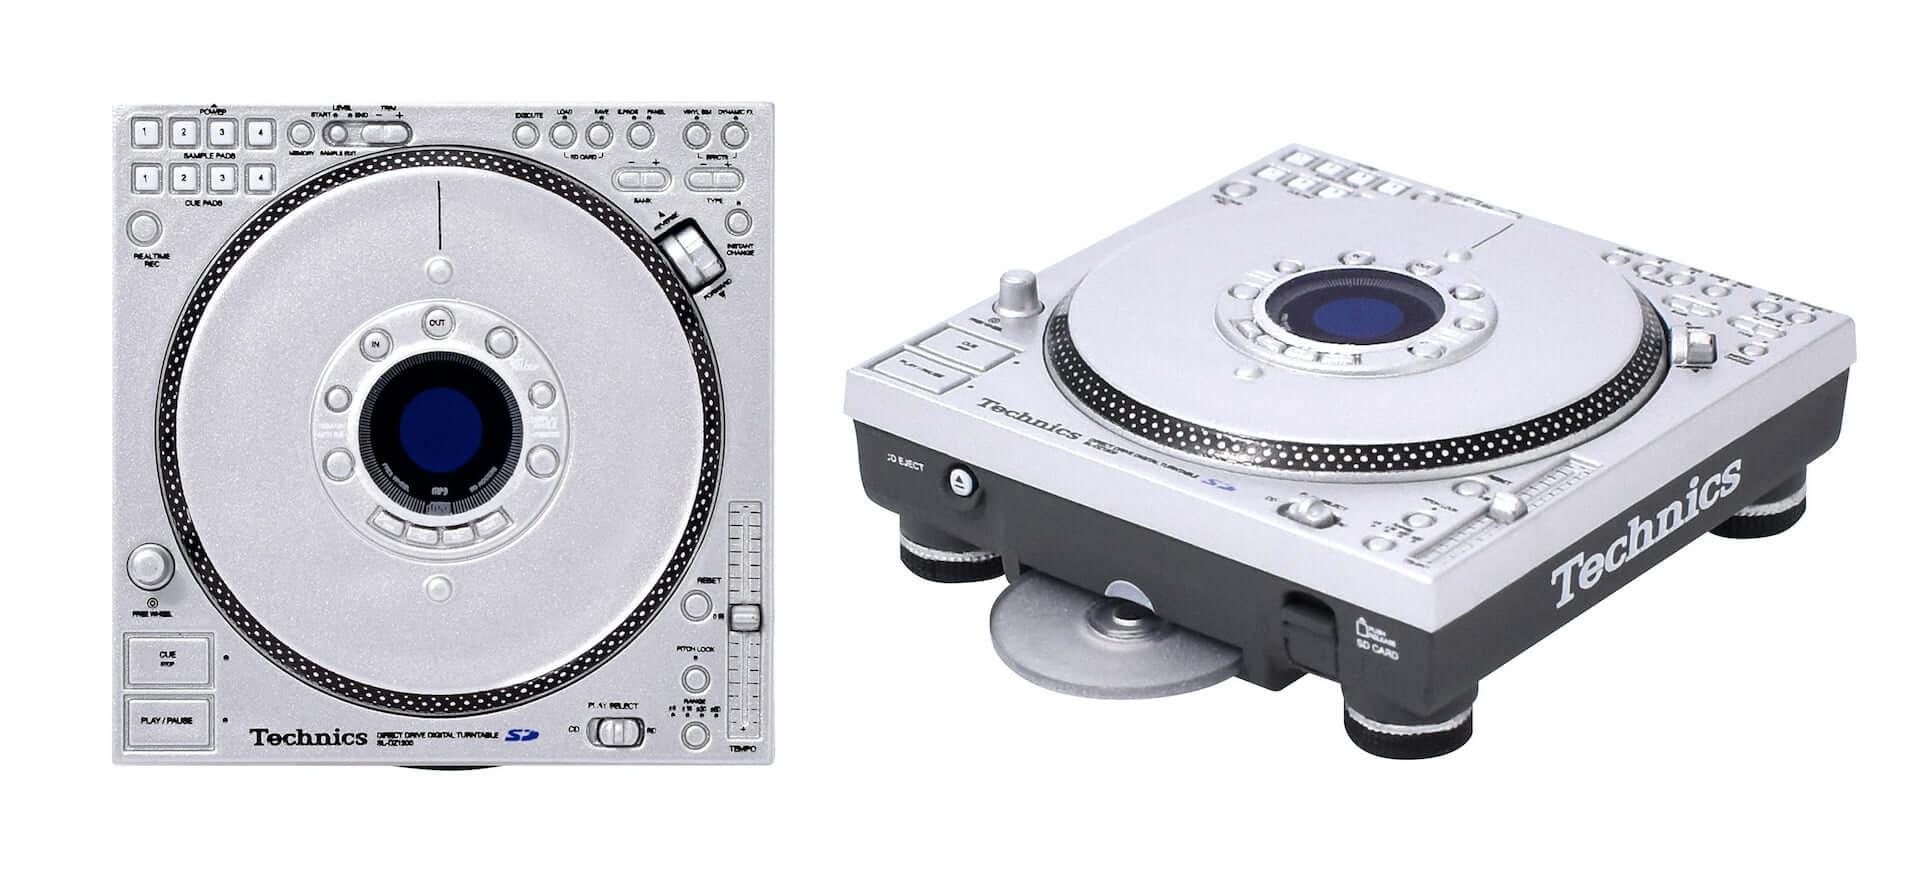 TechnicsのDJ機器『SL-1200MK2』など全5種がミニチュアフィギュア化!ケンエレファントより発売決定 tech201009_technics_6-1920x882